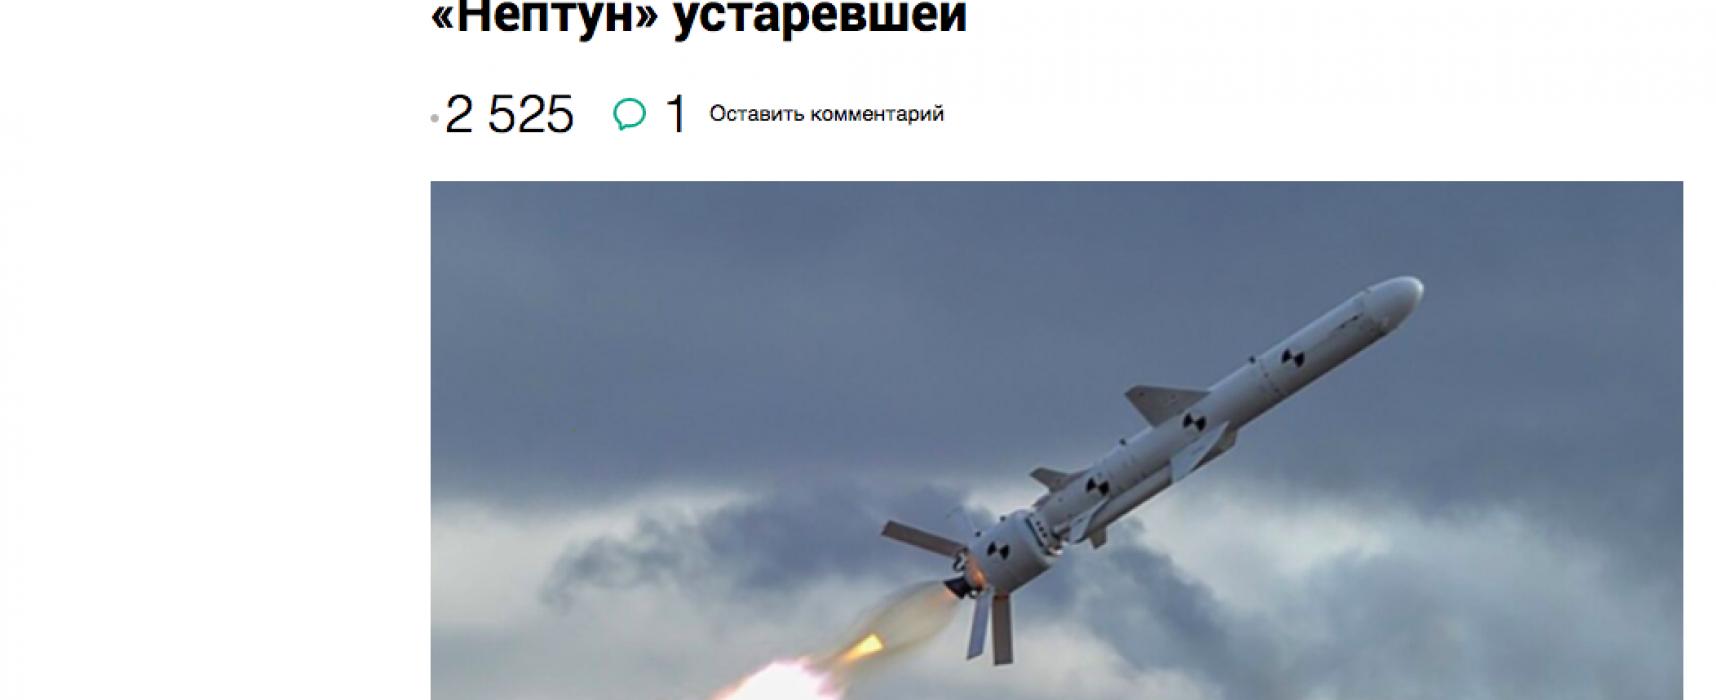 """Фейк: украинская ракета """"Нептун"""" устарела и легко сбиваема"""